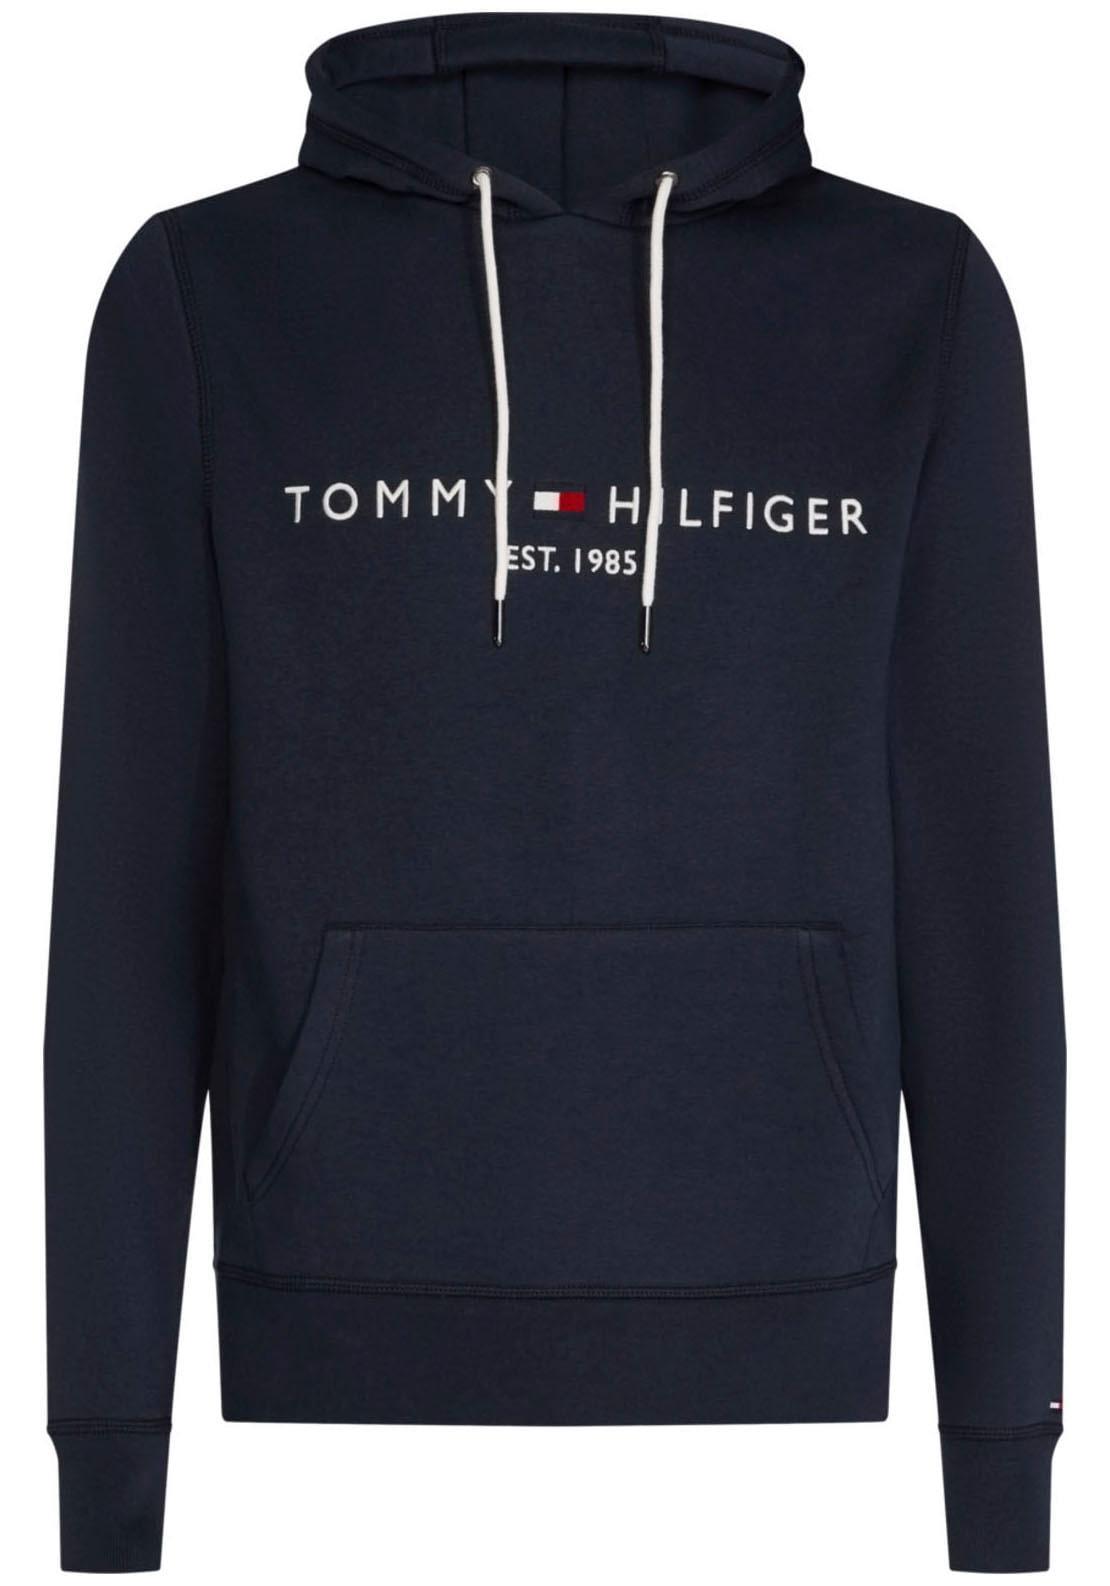 TOMMY HILFIGER Kapuzensweatshirt LOGO HOODY blau Herren Sweatshirts -jacken